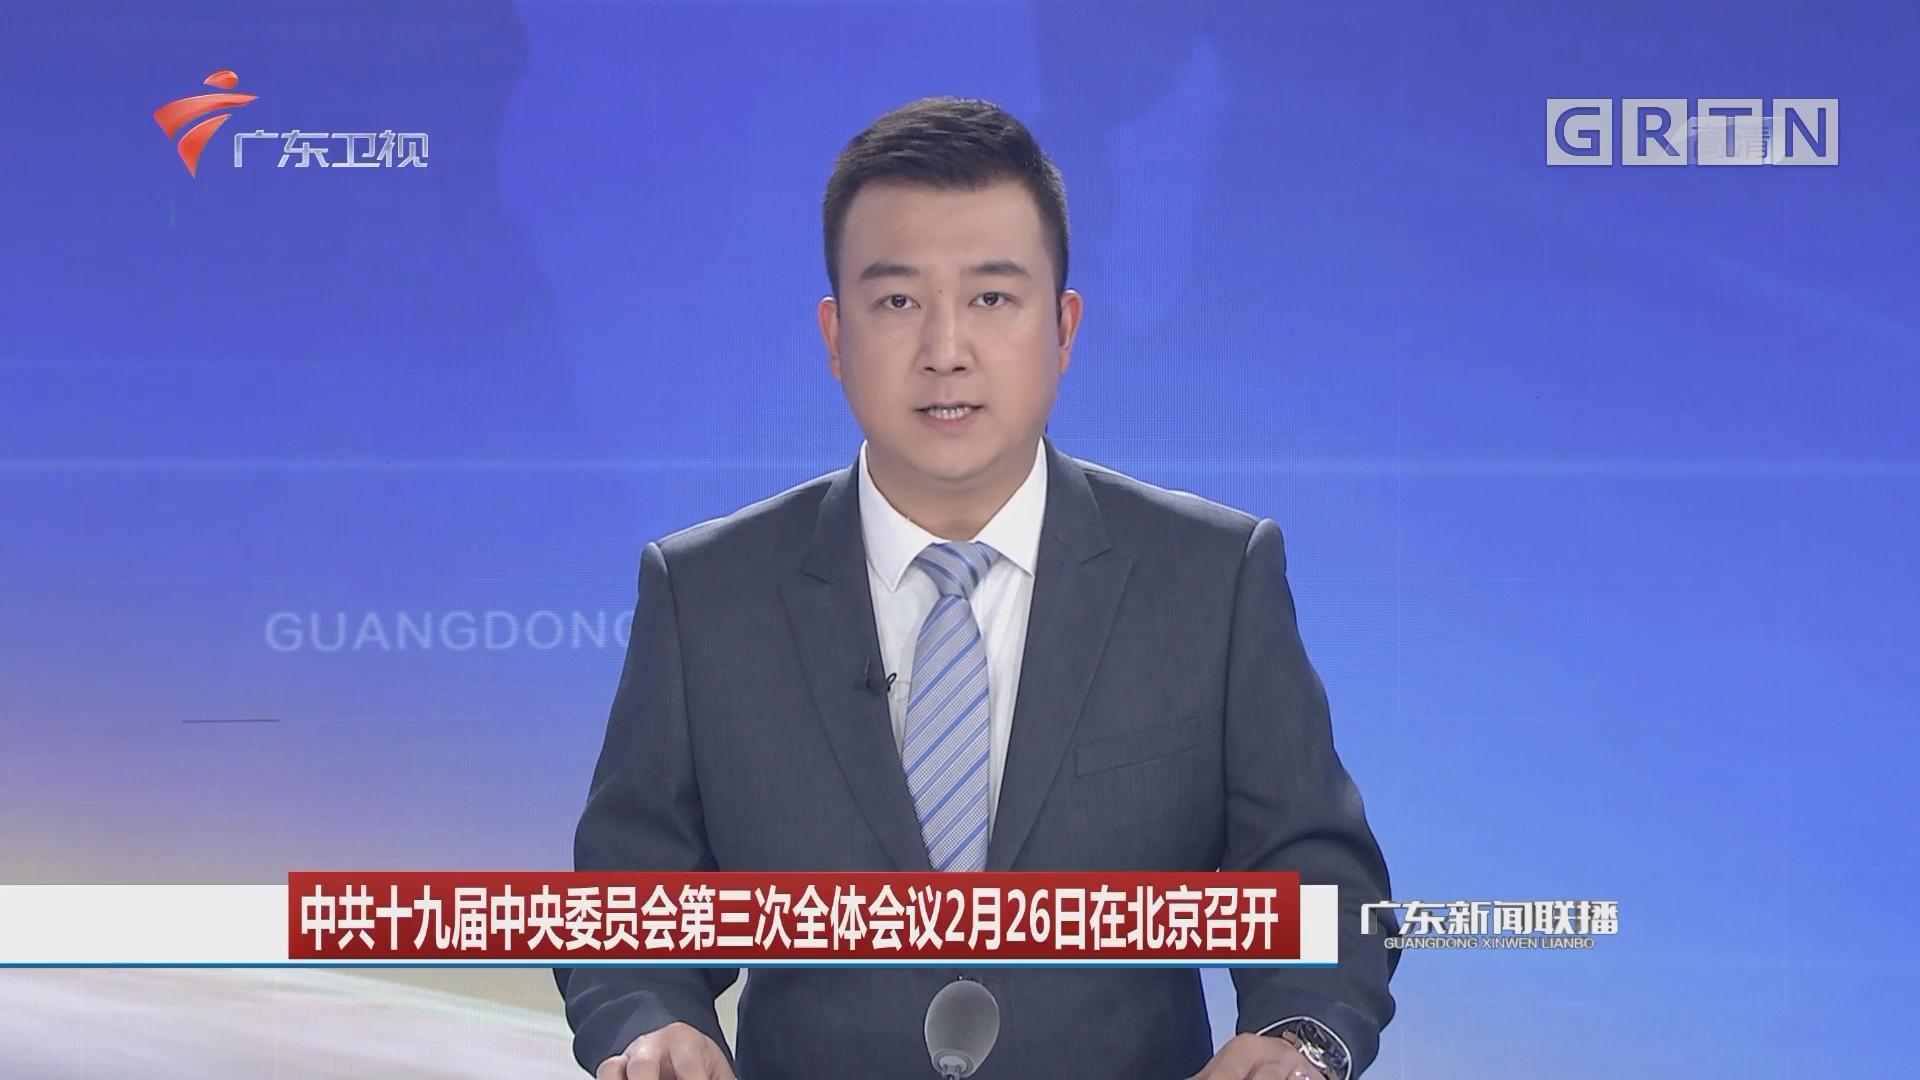 中共十九届中央委员会第三次全体会议2月26日在北京召开